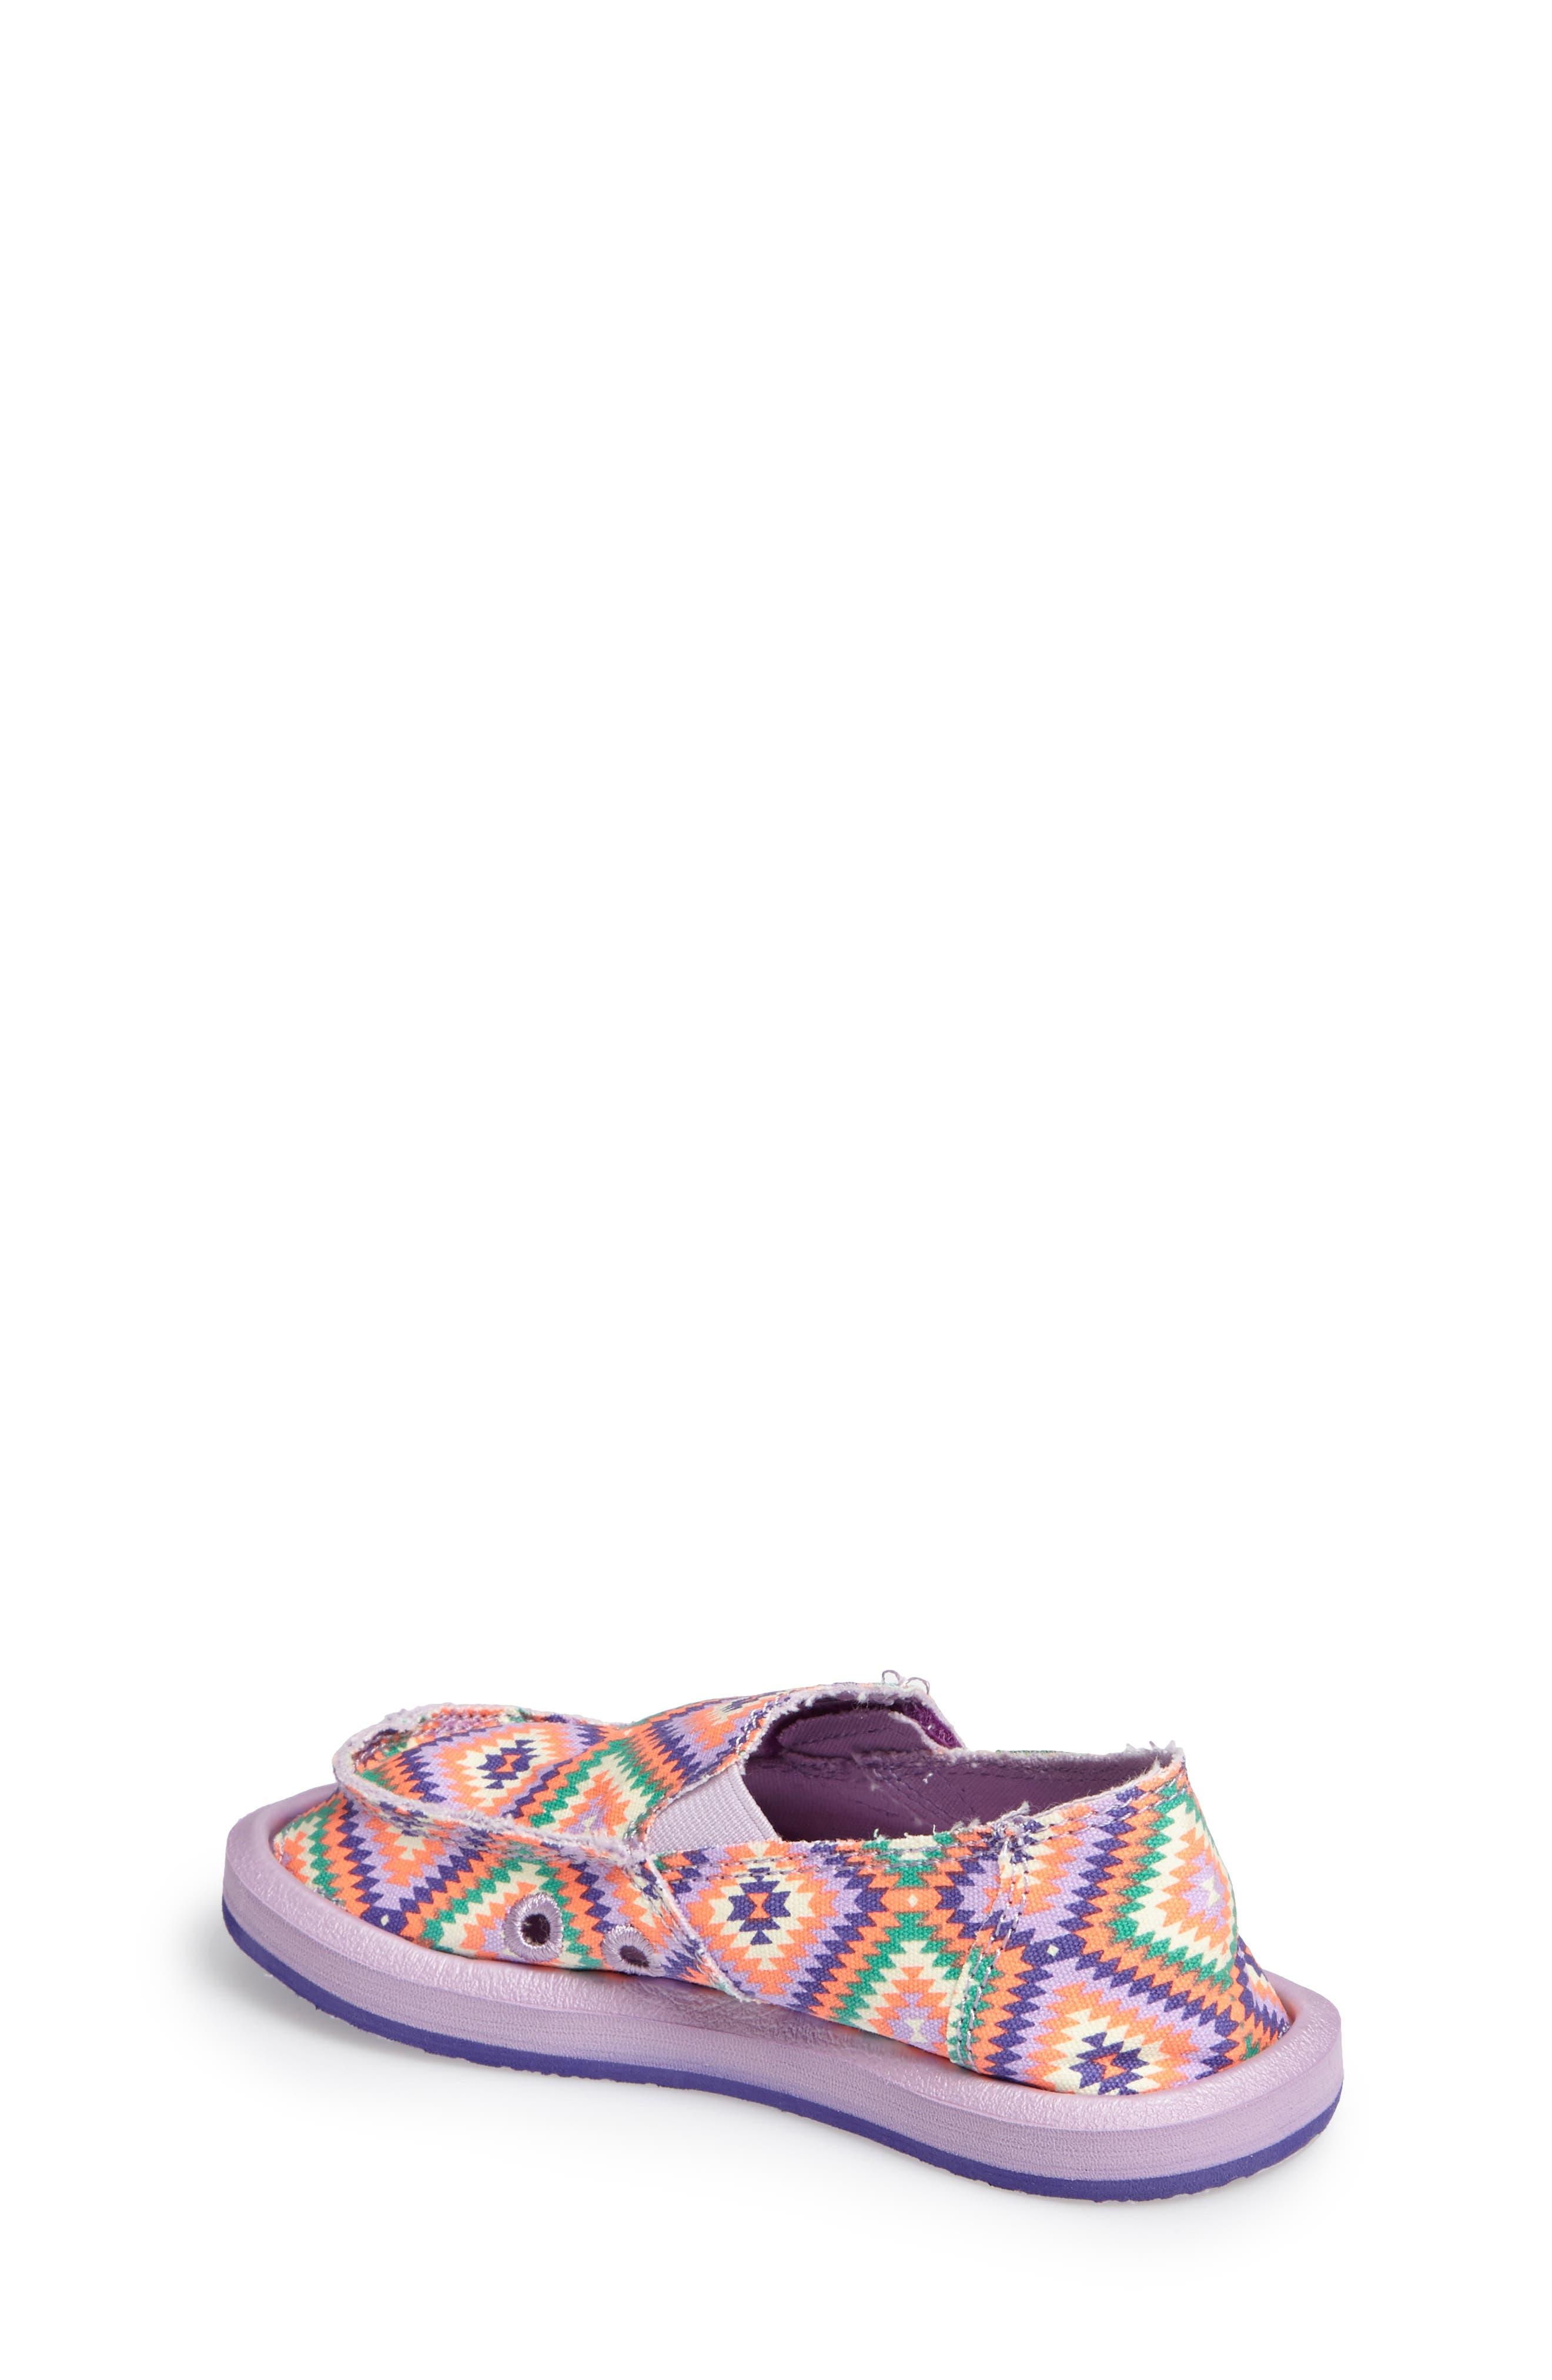 Donna Slip-On Sneaker,                             Alternate thumbnail 2, color,                             556